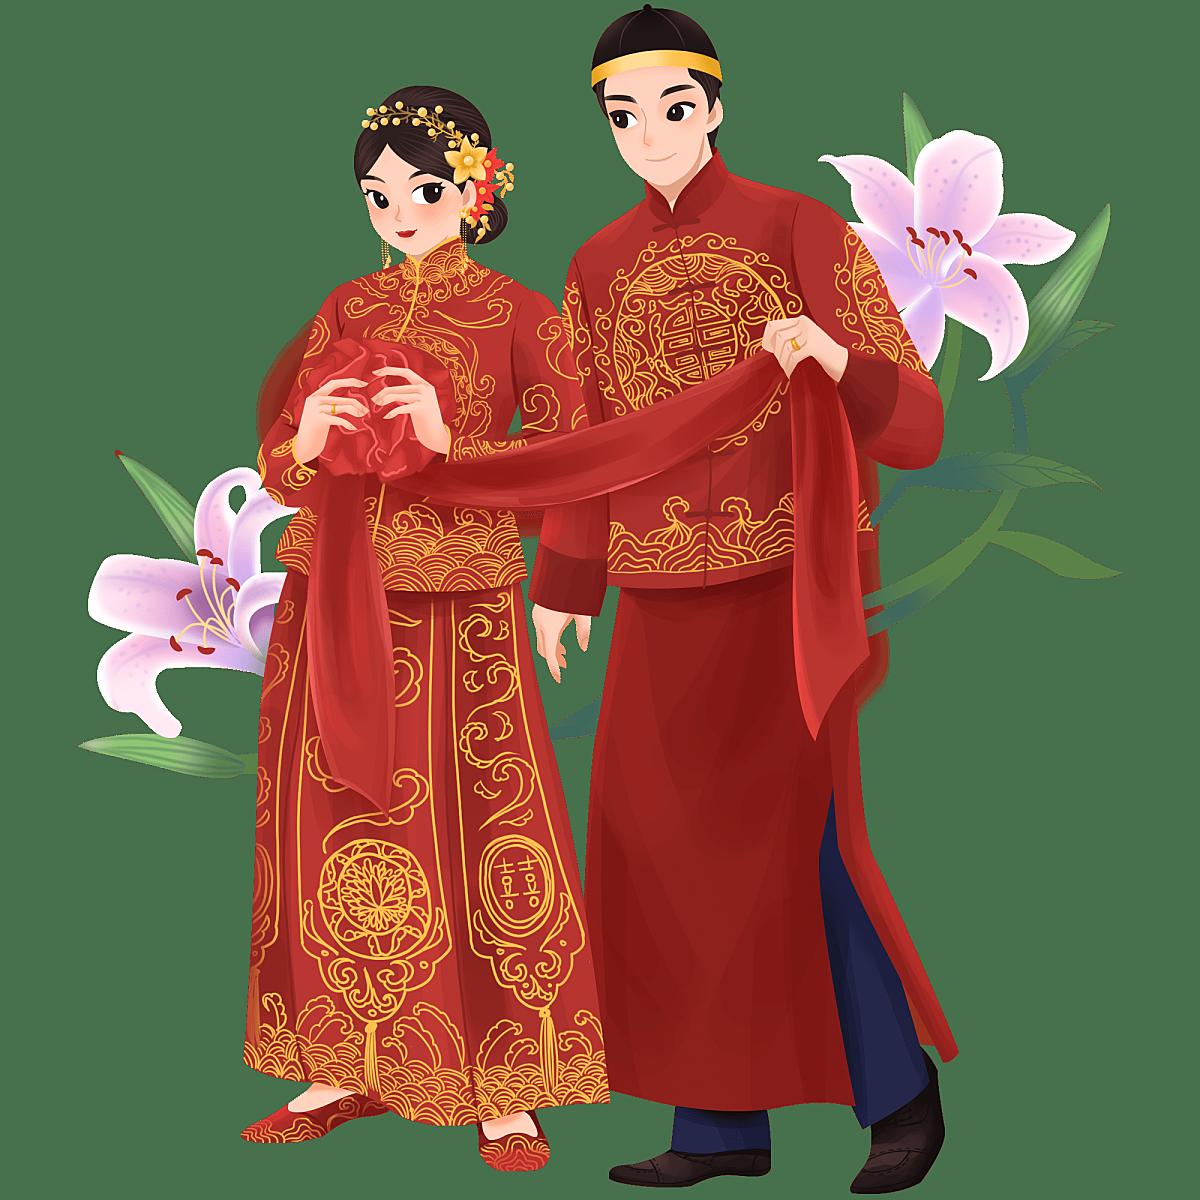 手绘-中式婚礼大尺寸人物插画贴纸4